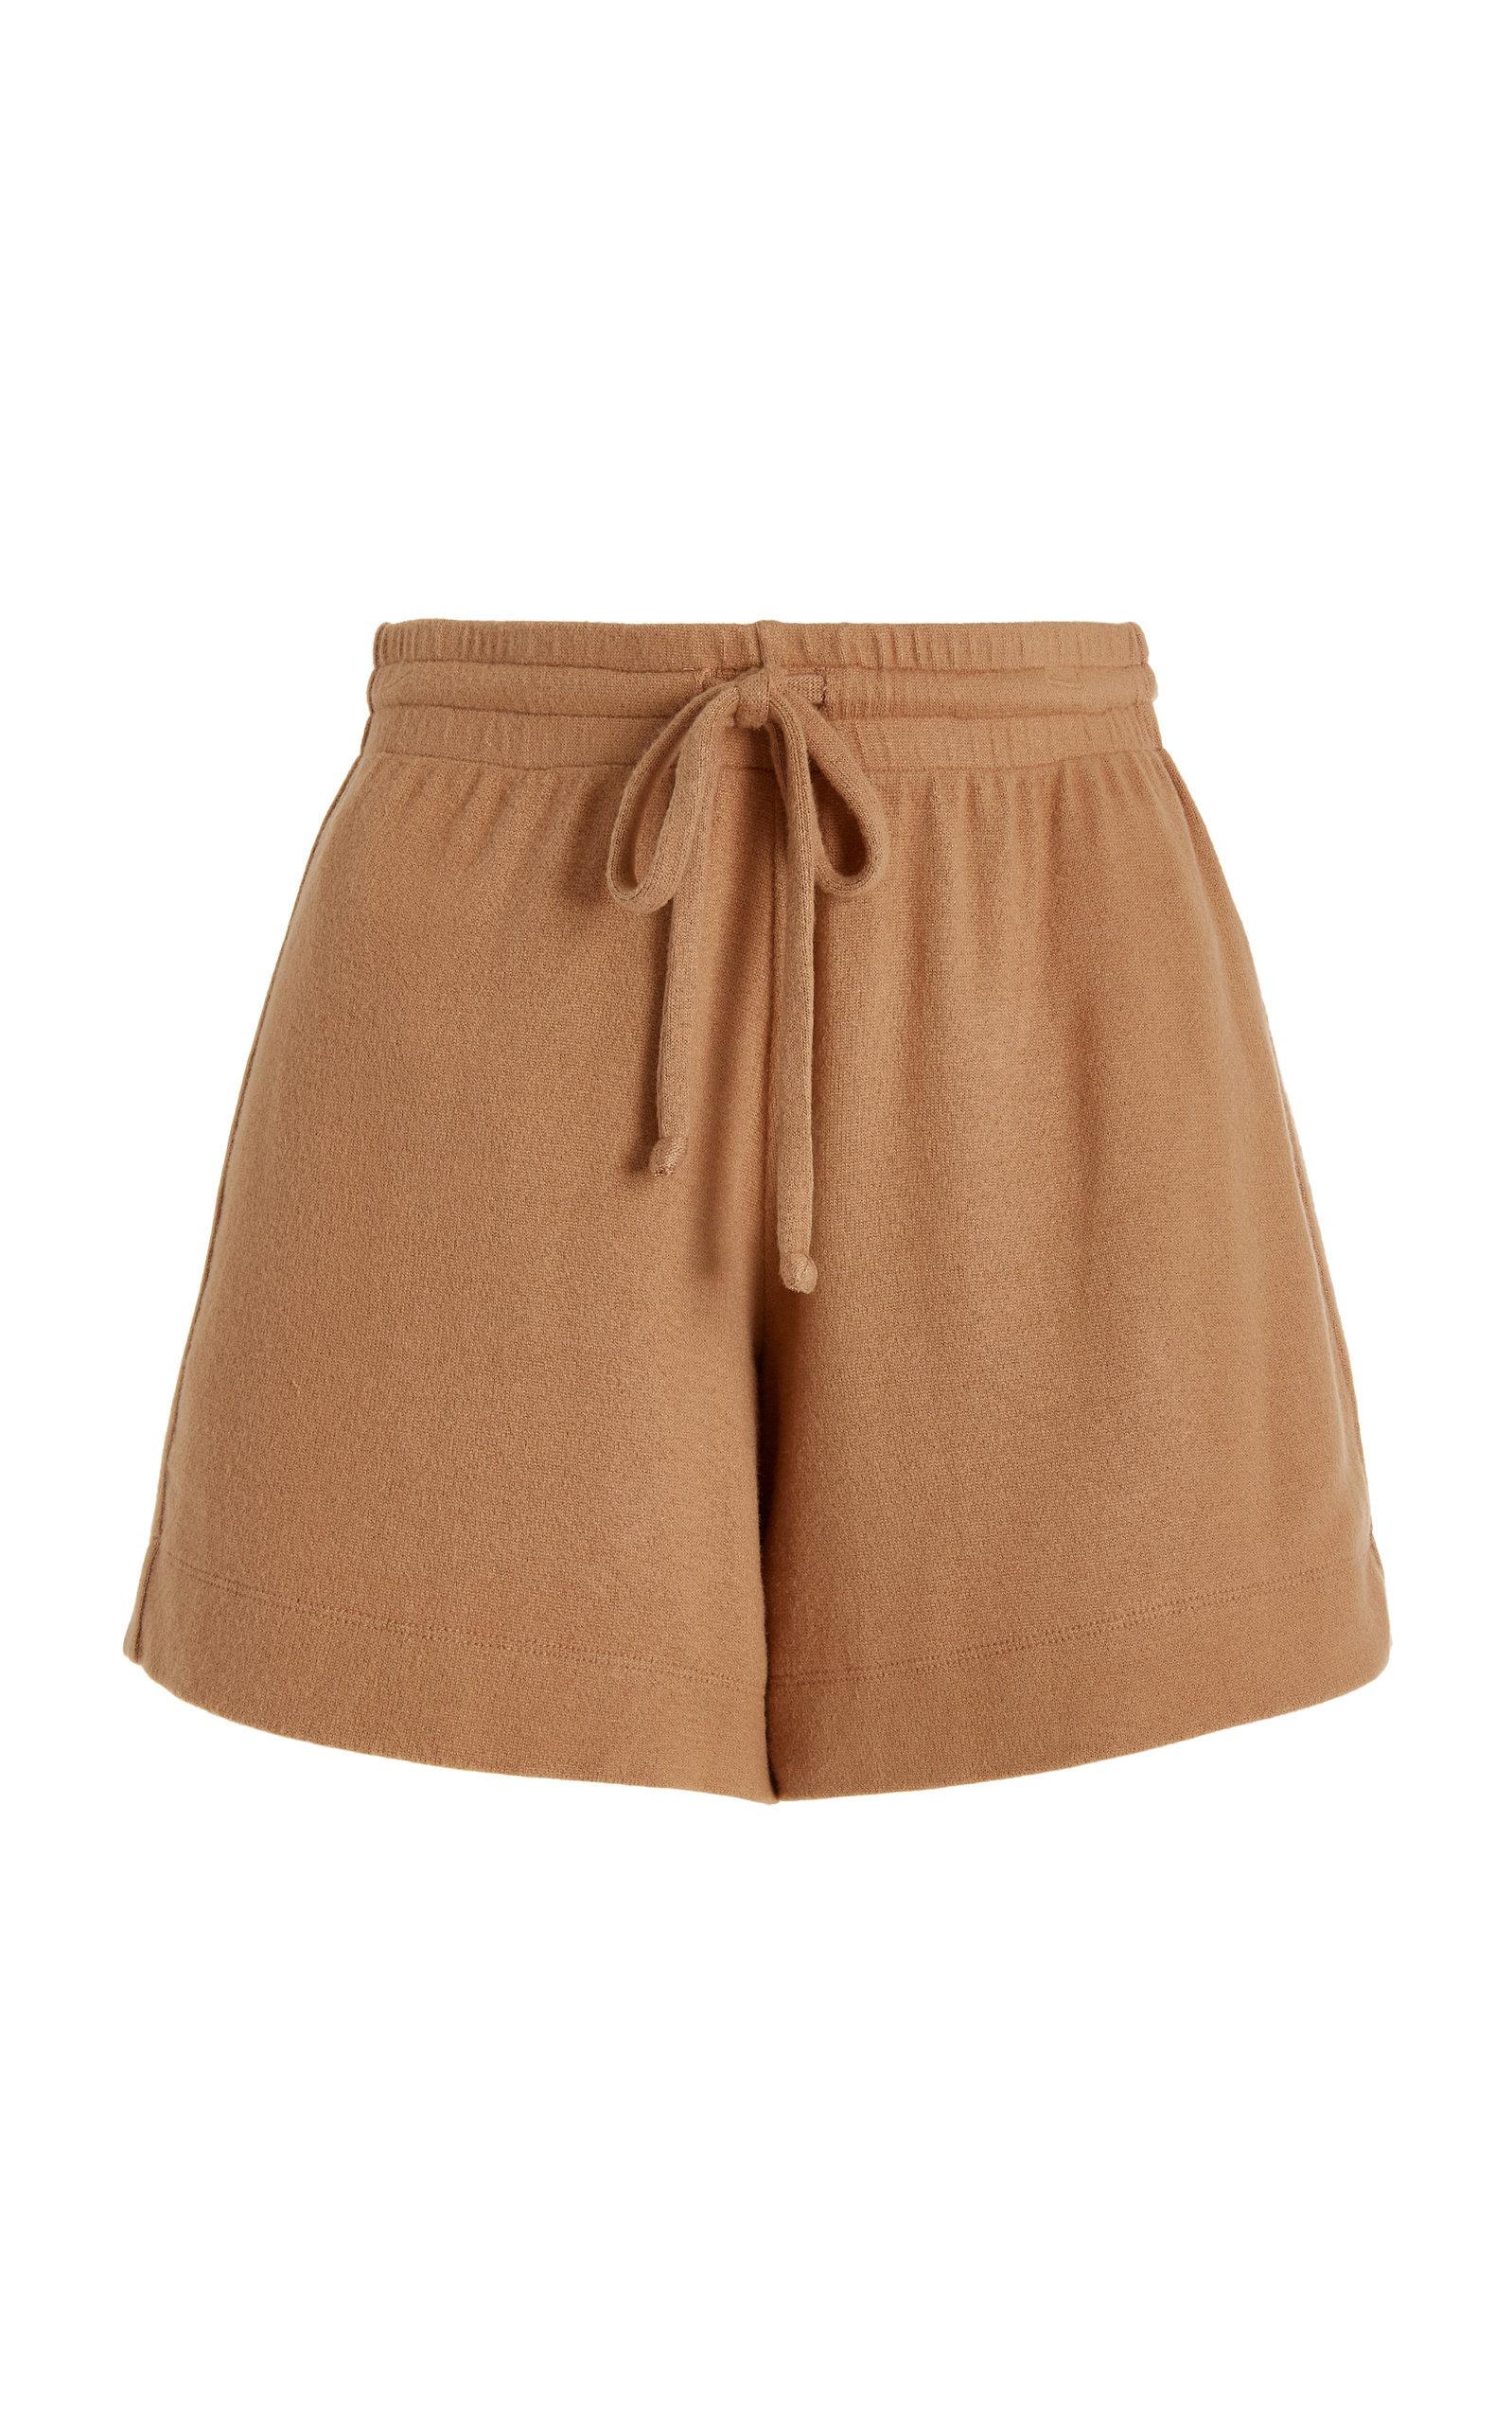 Women's Boxer Knit Mini Shorts